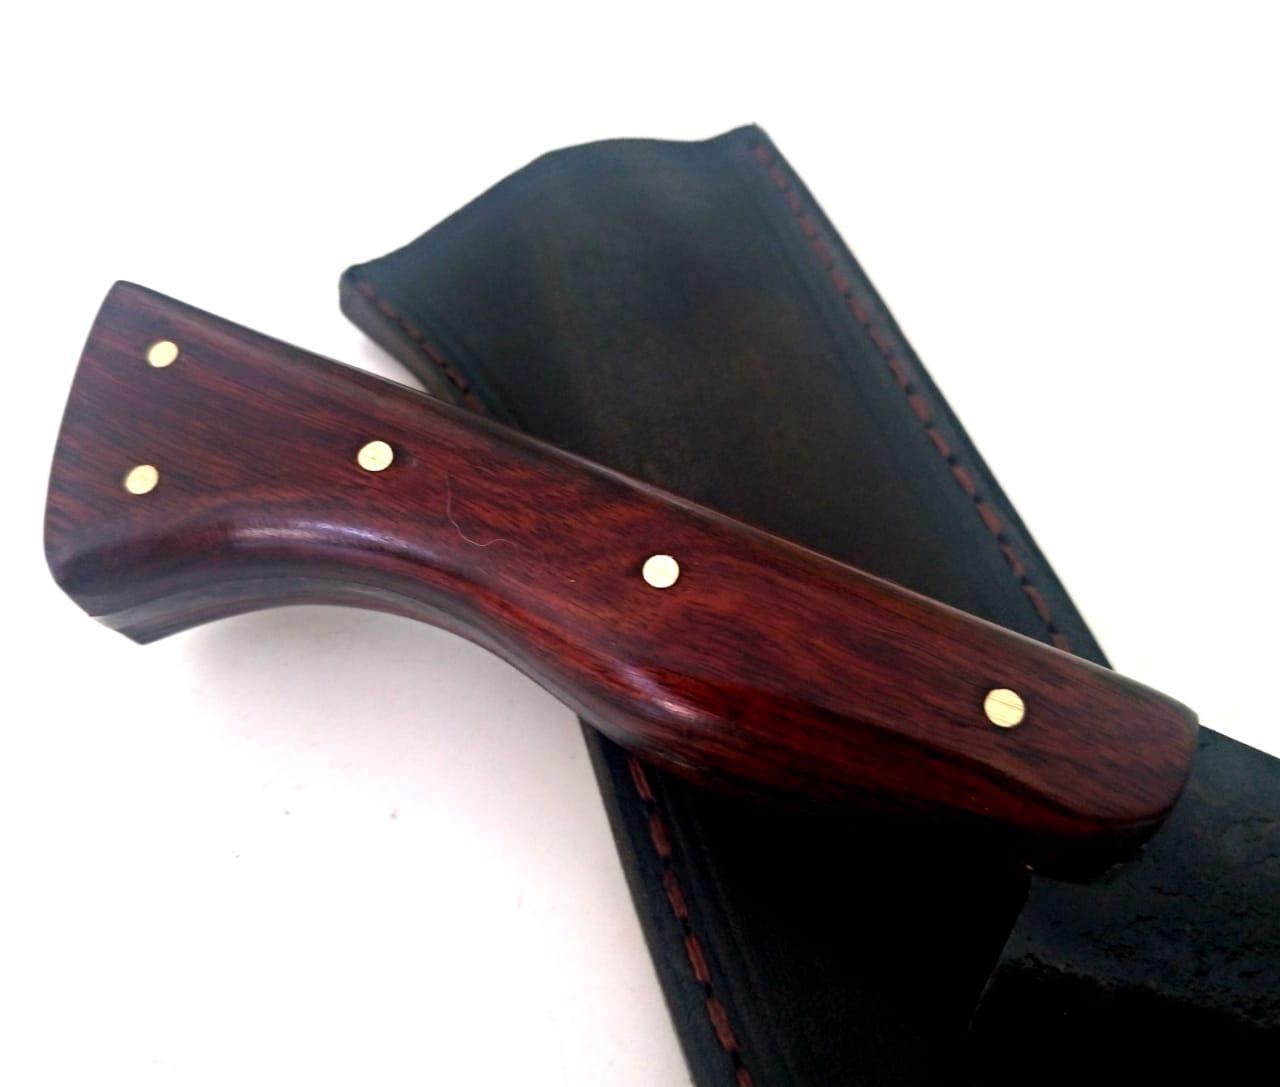 Faca artesanal negra galo veio de lida aço carbono 8 polegadas